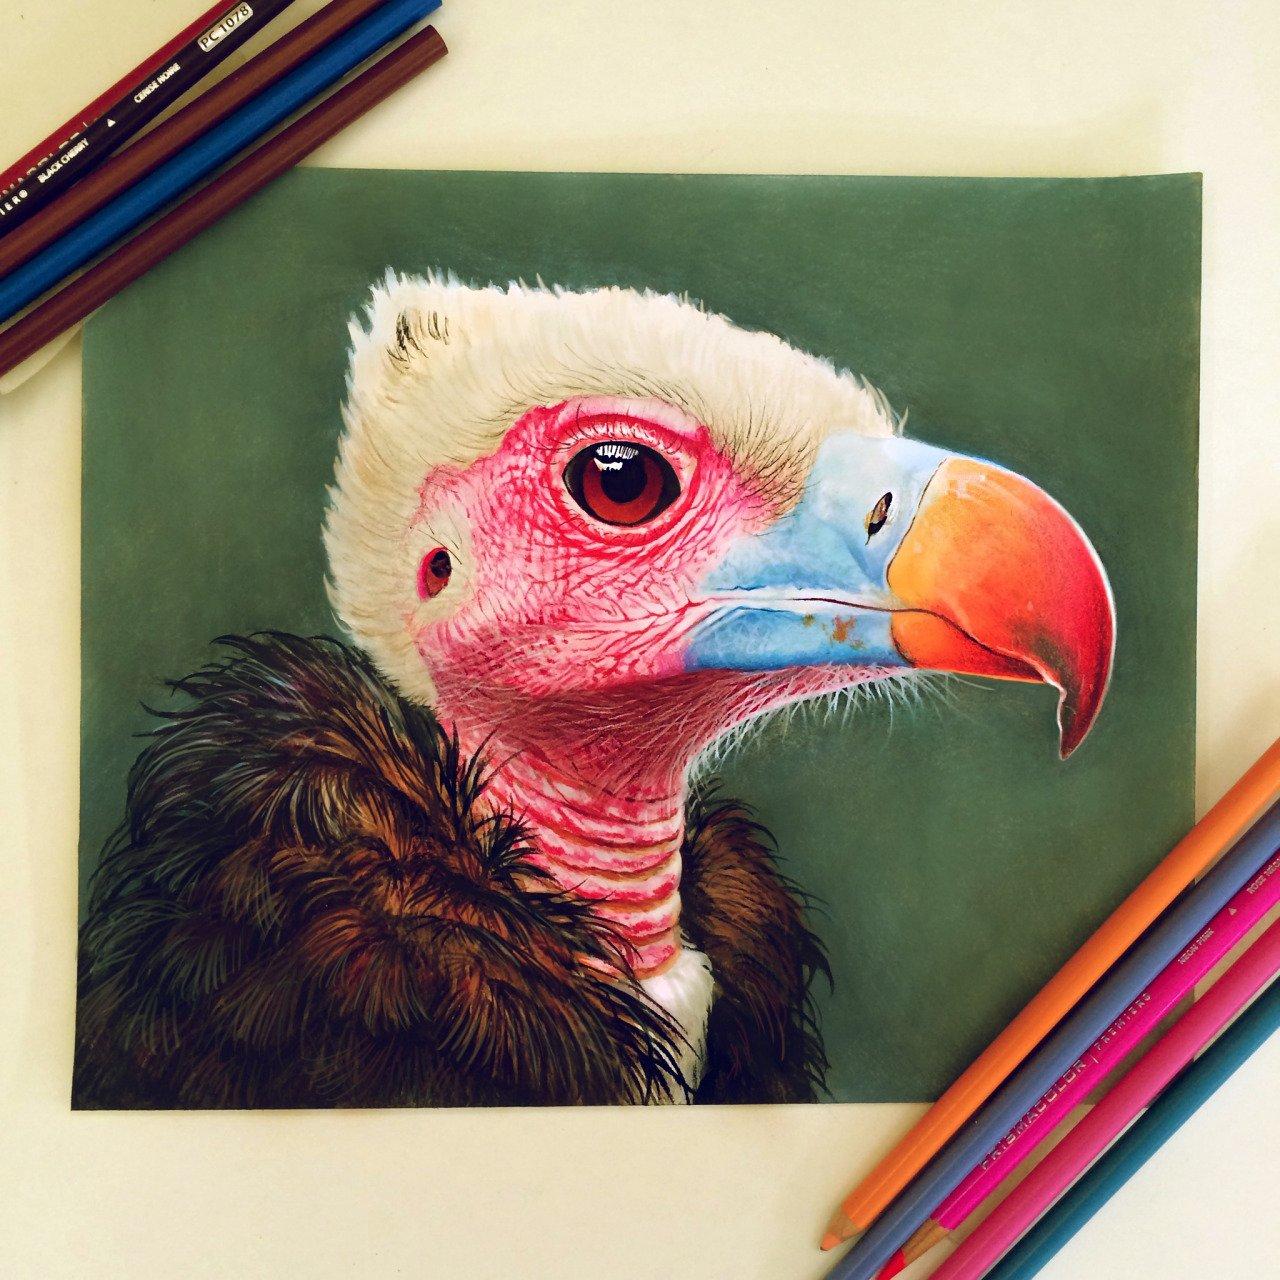 Ilustracoes realistas feitas apenas com lapis de cor (10)